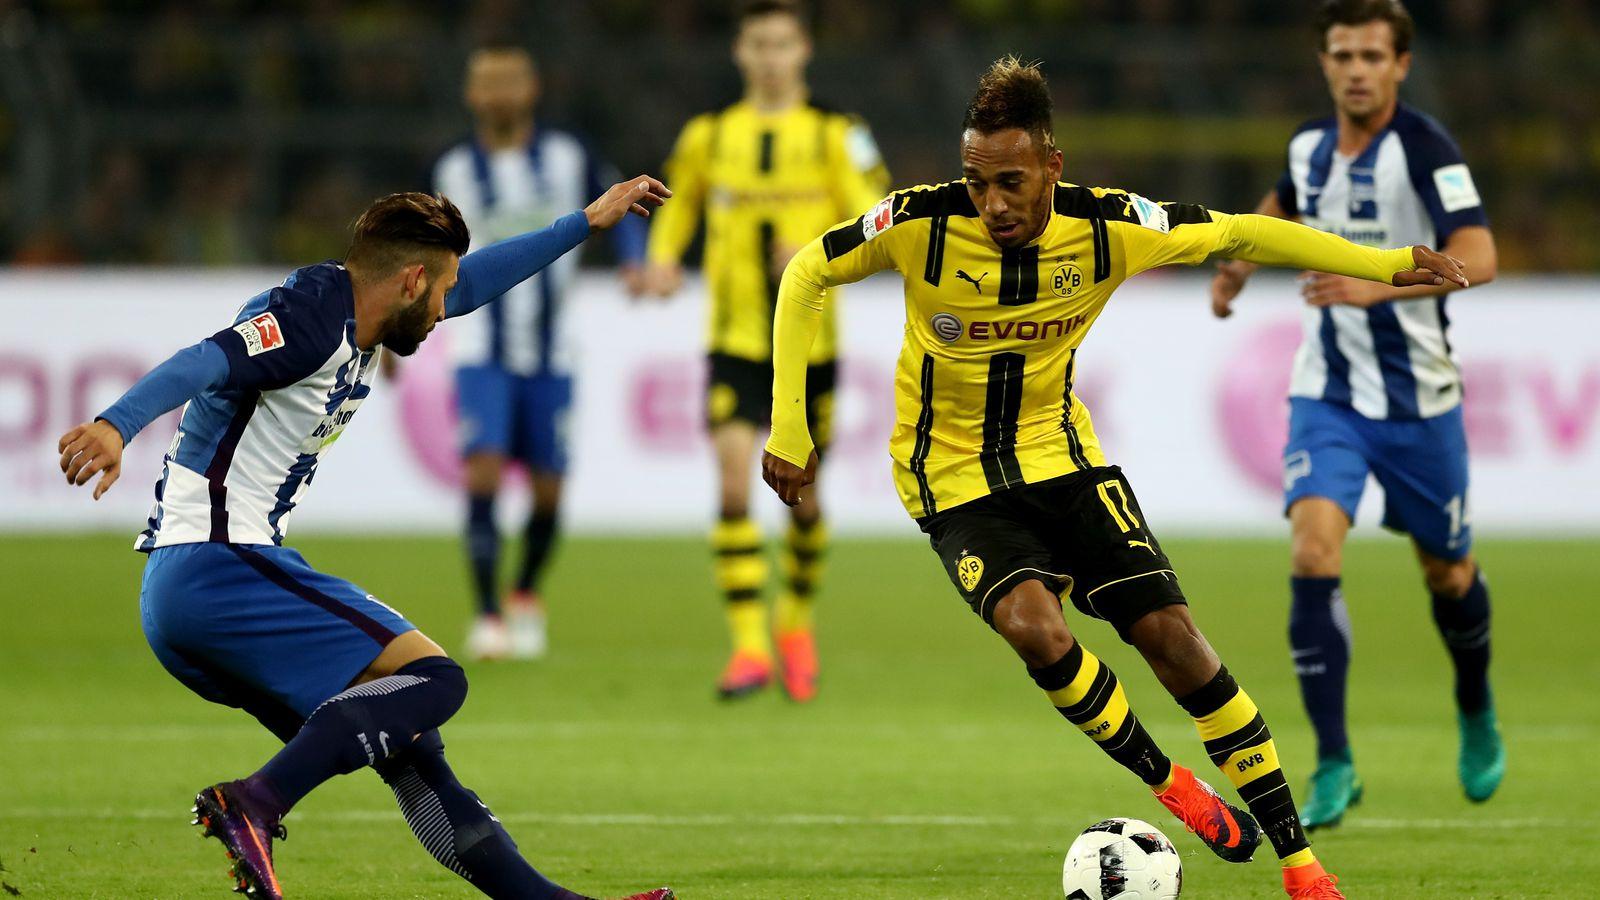 Sporting Dortmund